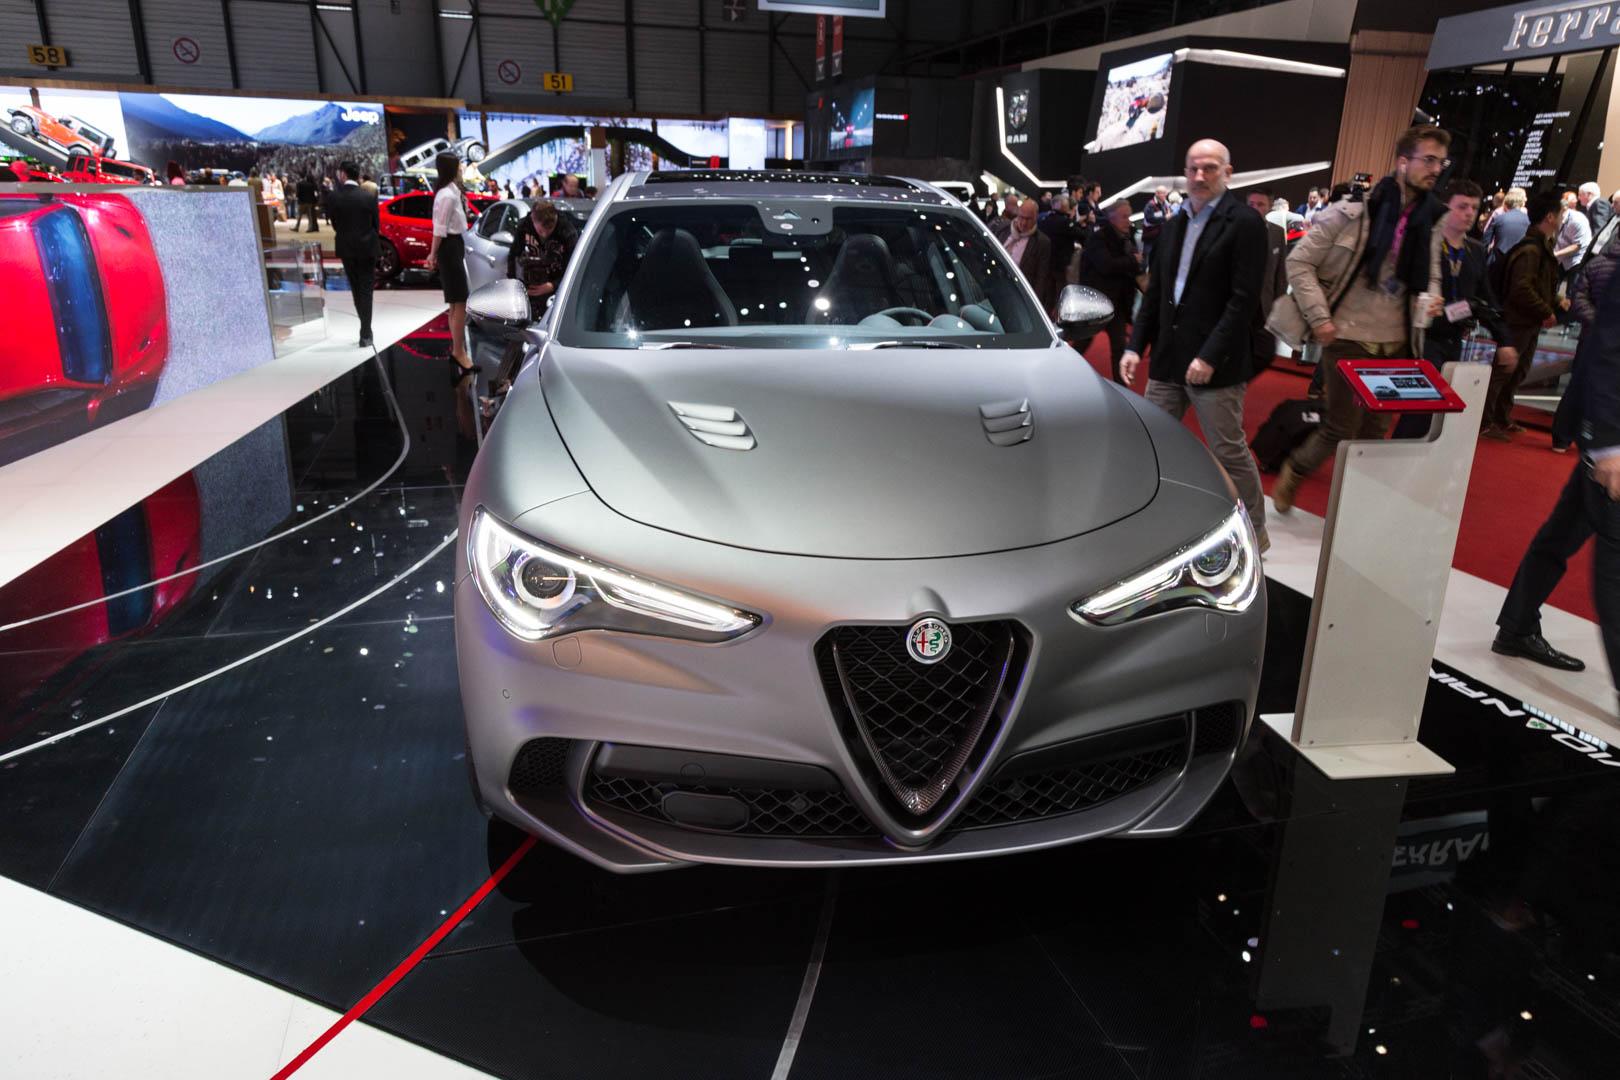 Напомним, что версии Quadrifoglio обоих автомобилей оснащены 2,9-литровым двухцилиндровым двигателем V6 с двигателем мощностью 510 л.с. и 600 Нм крутящего момента. Эта мощность позволила Giulia проехать Нюрбургрингский Нордшляйфе всего за 7 минут 32